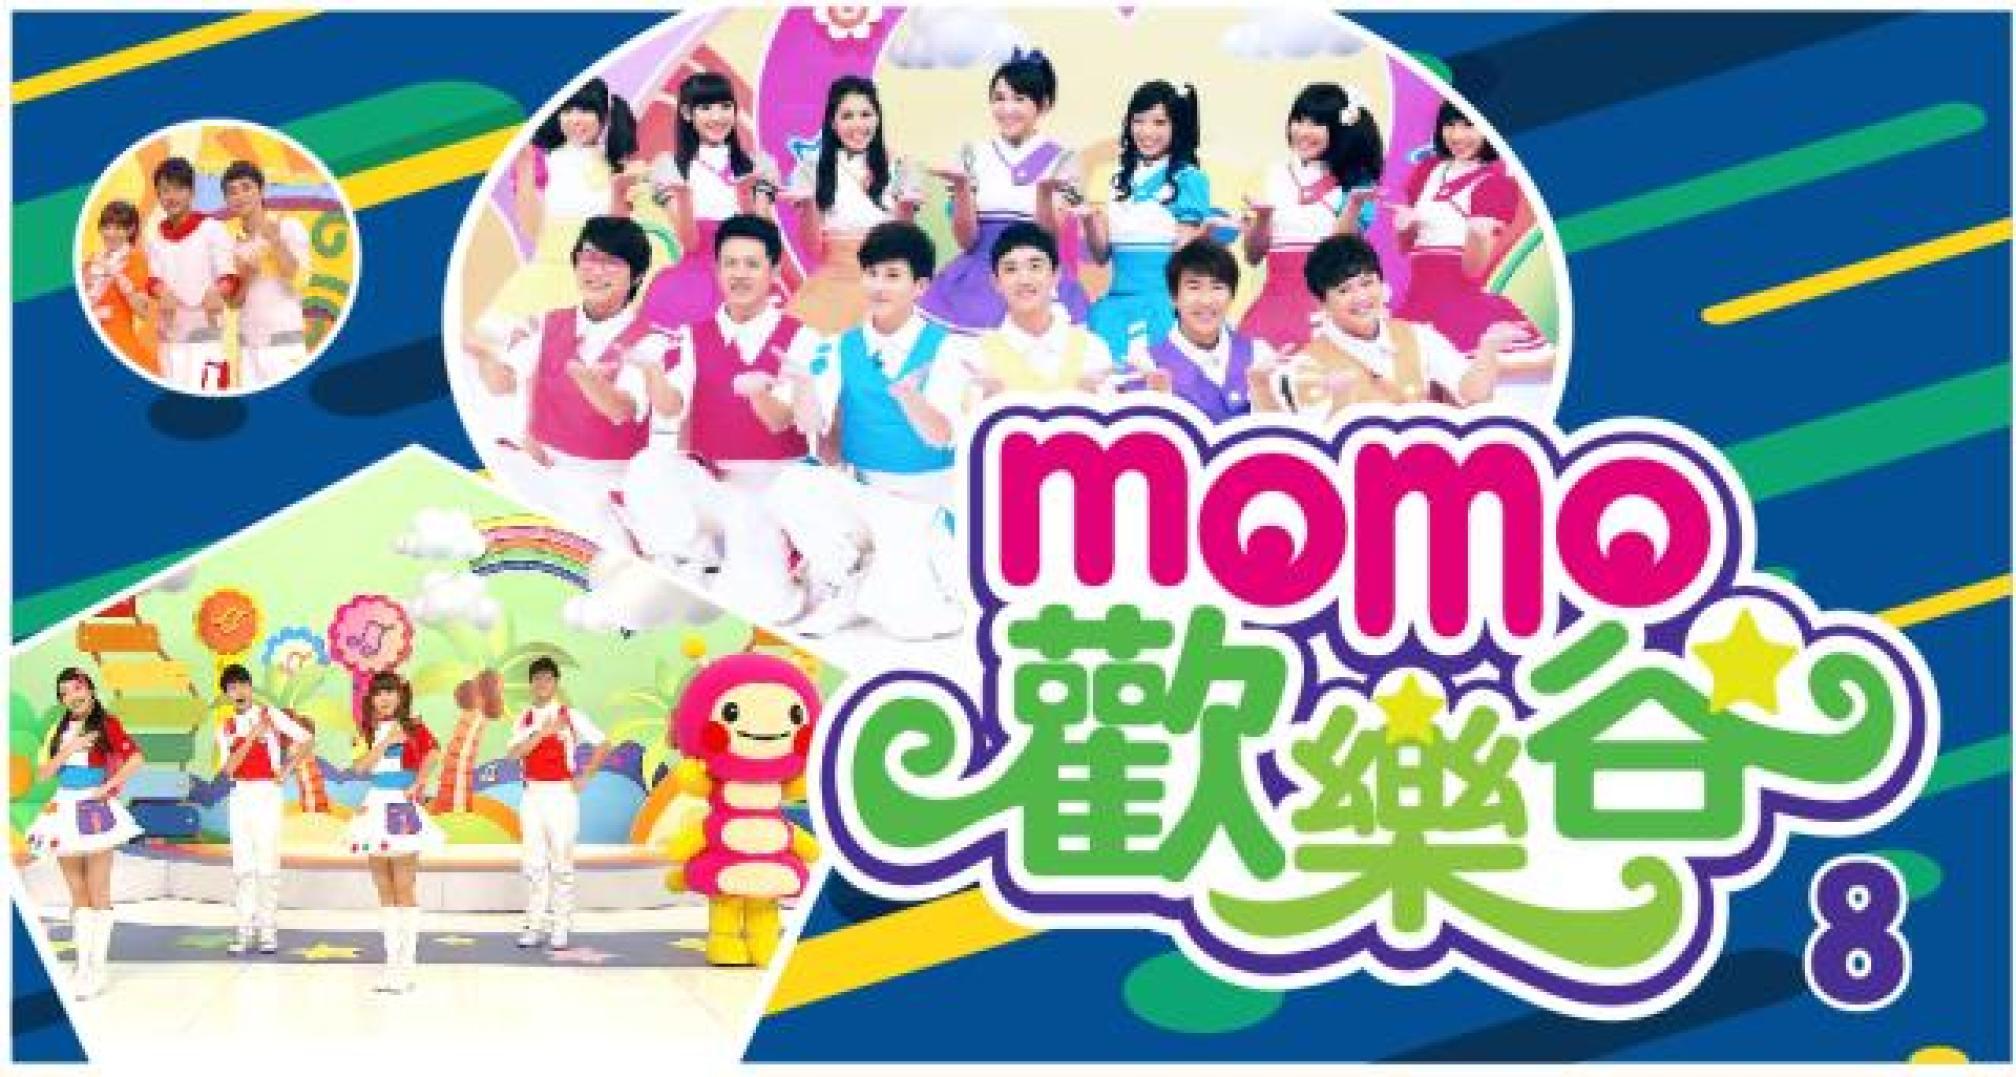 MOMO歡樂谷第八季劇照 1